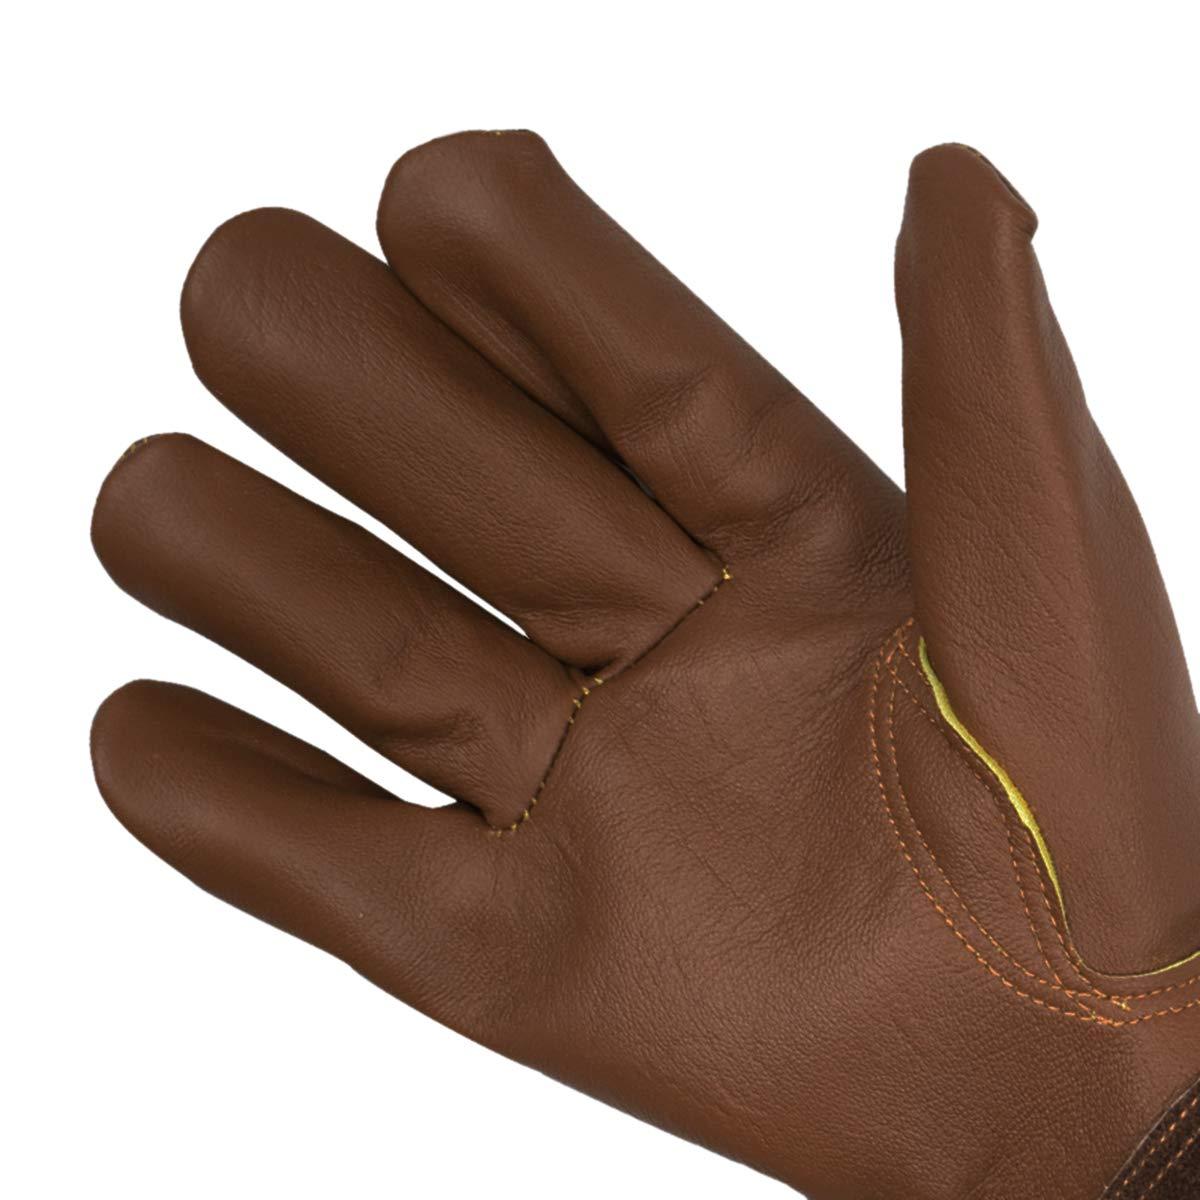 Small a prueba de torceduras amarillo guantes de jardiner/ía de piel de cabra transpirables y duraderos 1 CCBETTER guantes de poda con mangas extra largas de cuero vacuno para hombres y mujeres